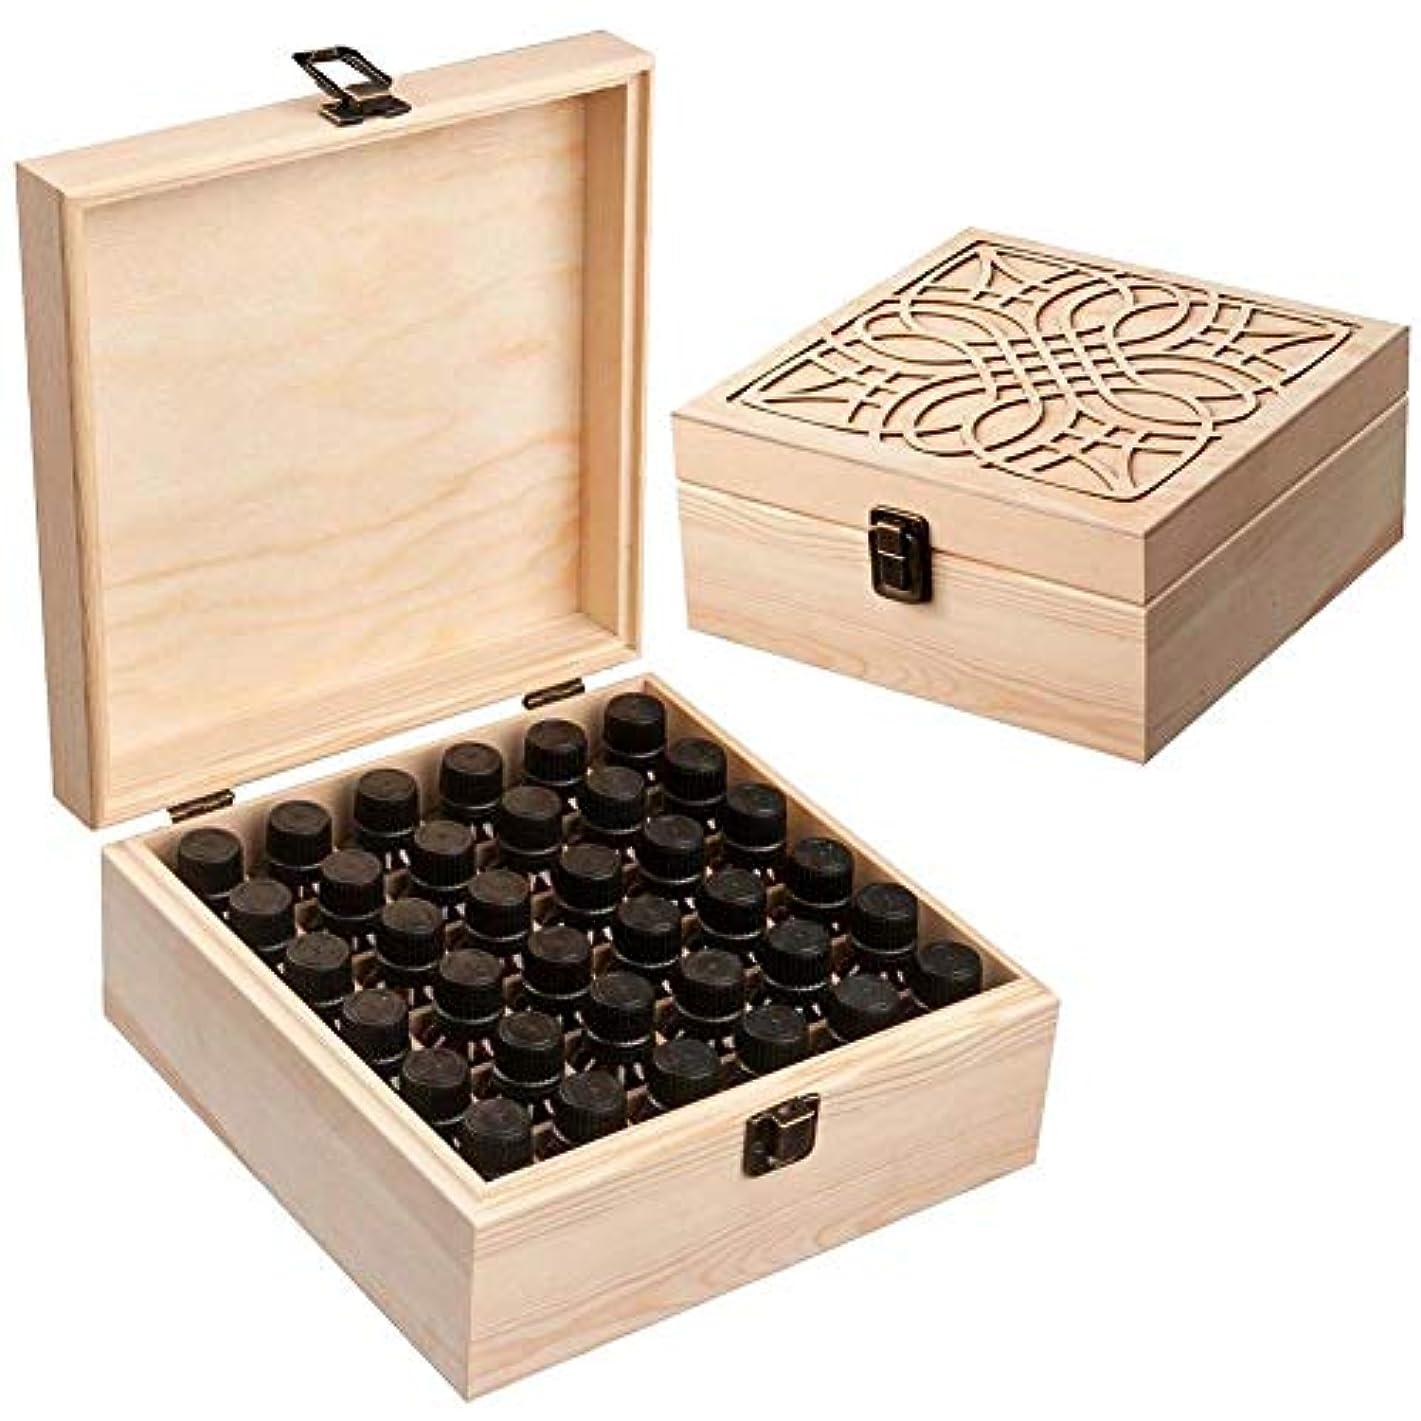 手紙を書くしっかり宣言するNewfashion エッセンシャルオイル収納ボックス 精油収納 アロマケース 木製 大容量 携帯便利 オイルボックス 飾り物 36本用